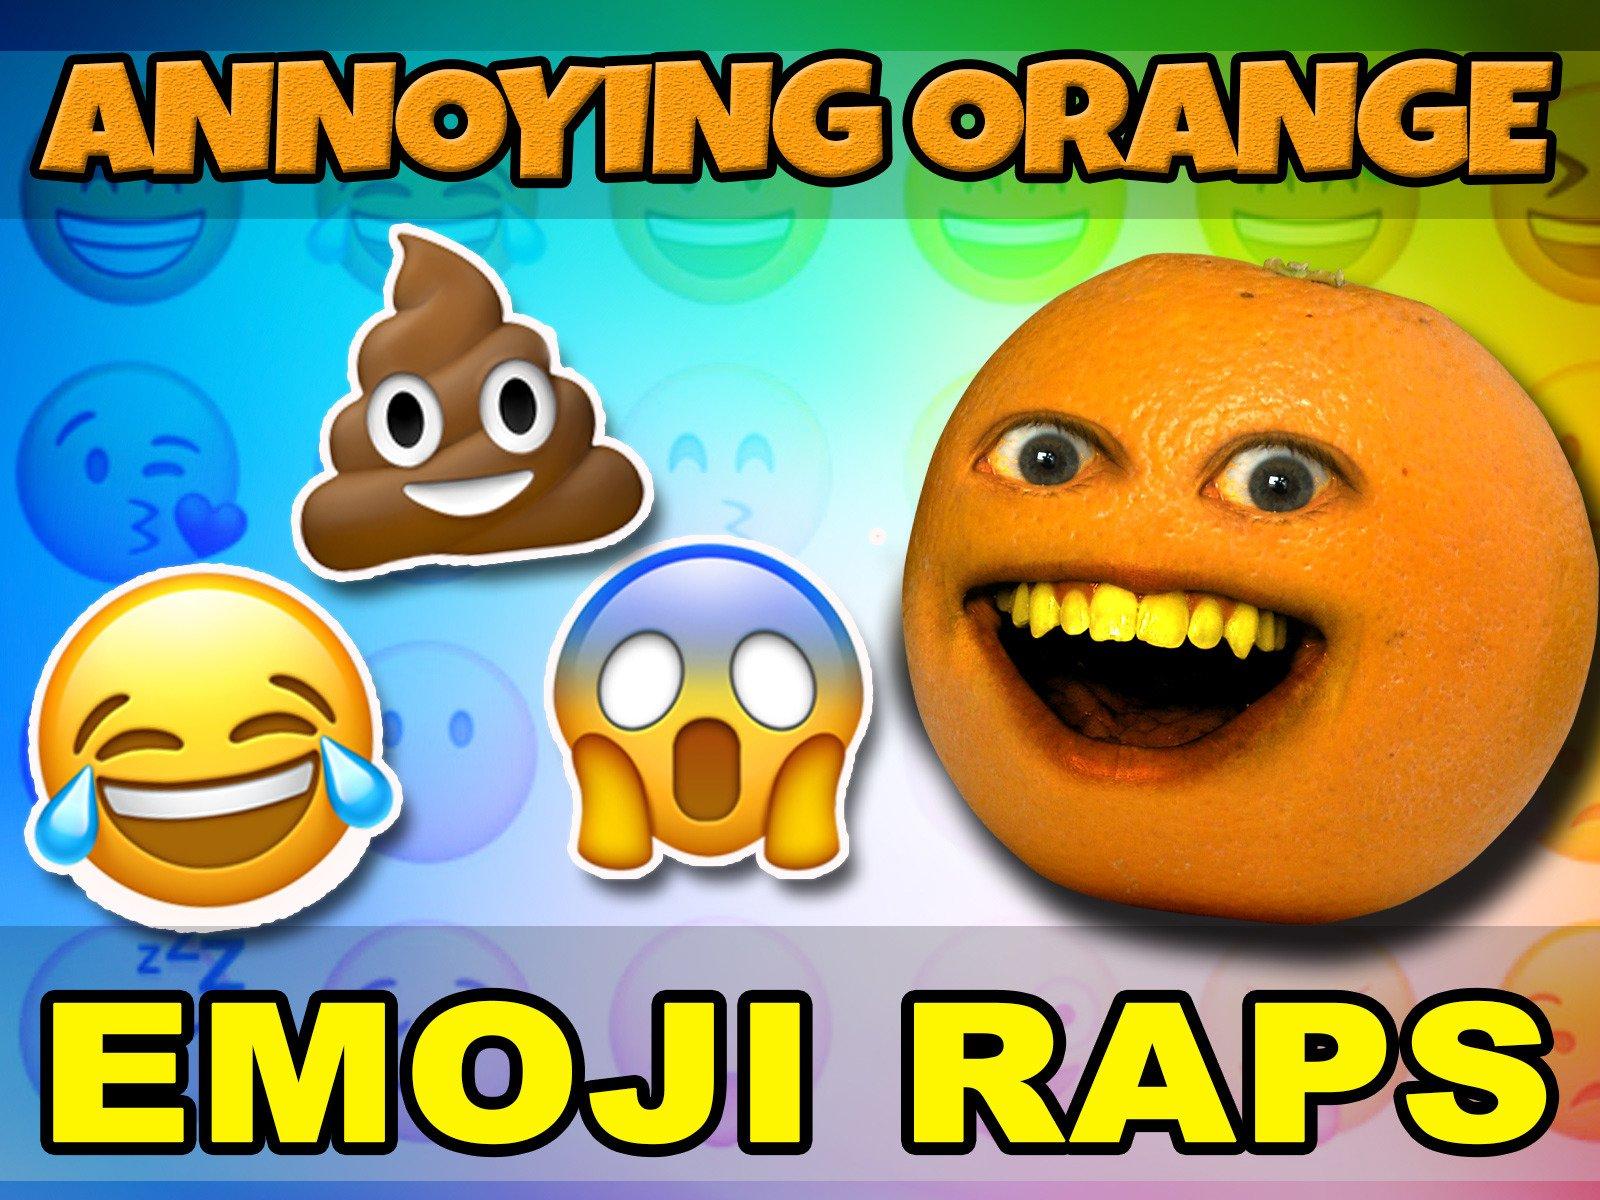 Annoying Orange - Emoji Raps! - Season 1